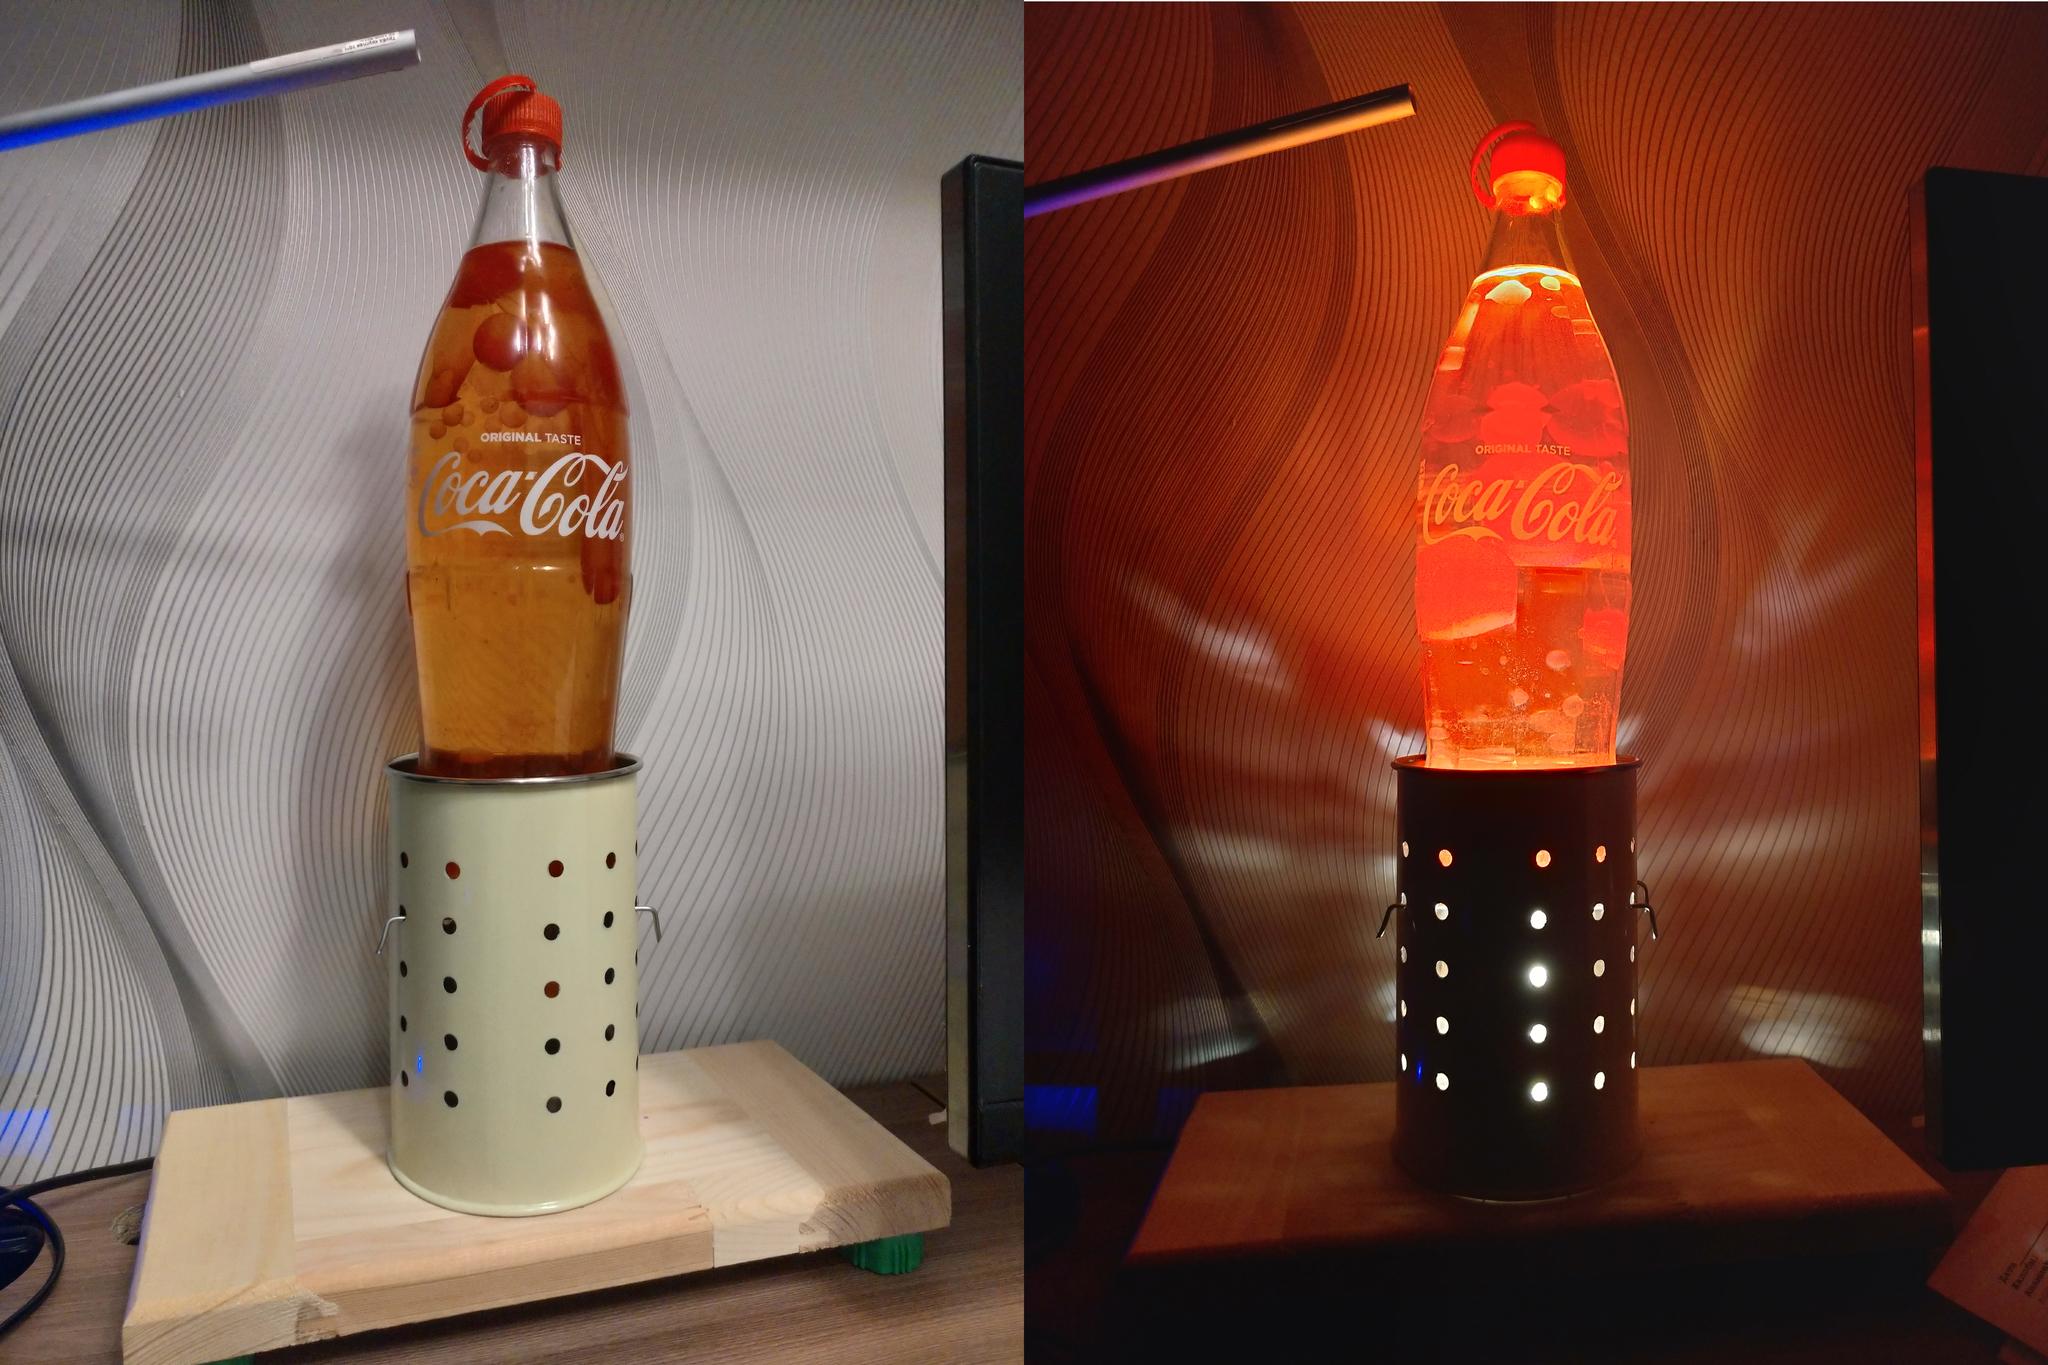 светильник лава с плавающими пузырями